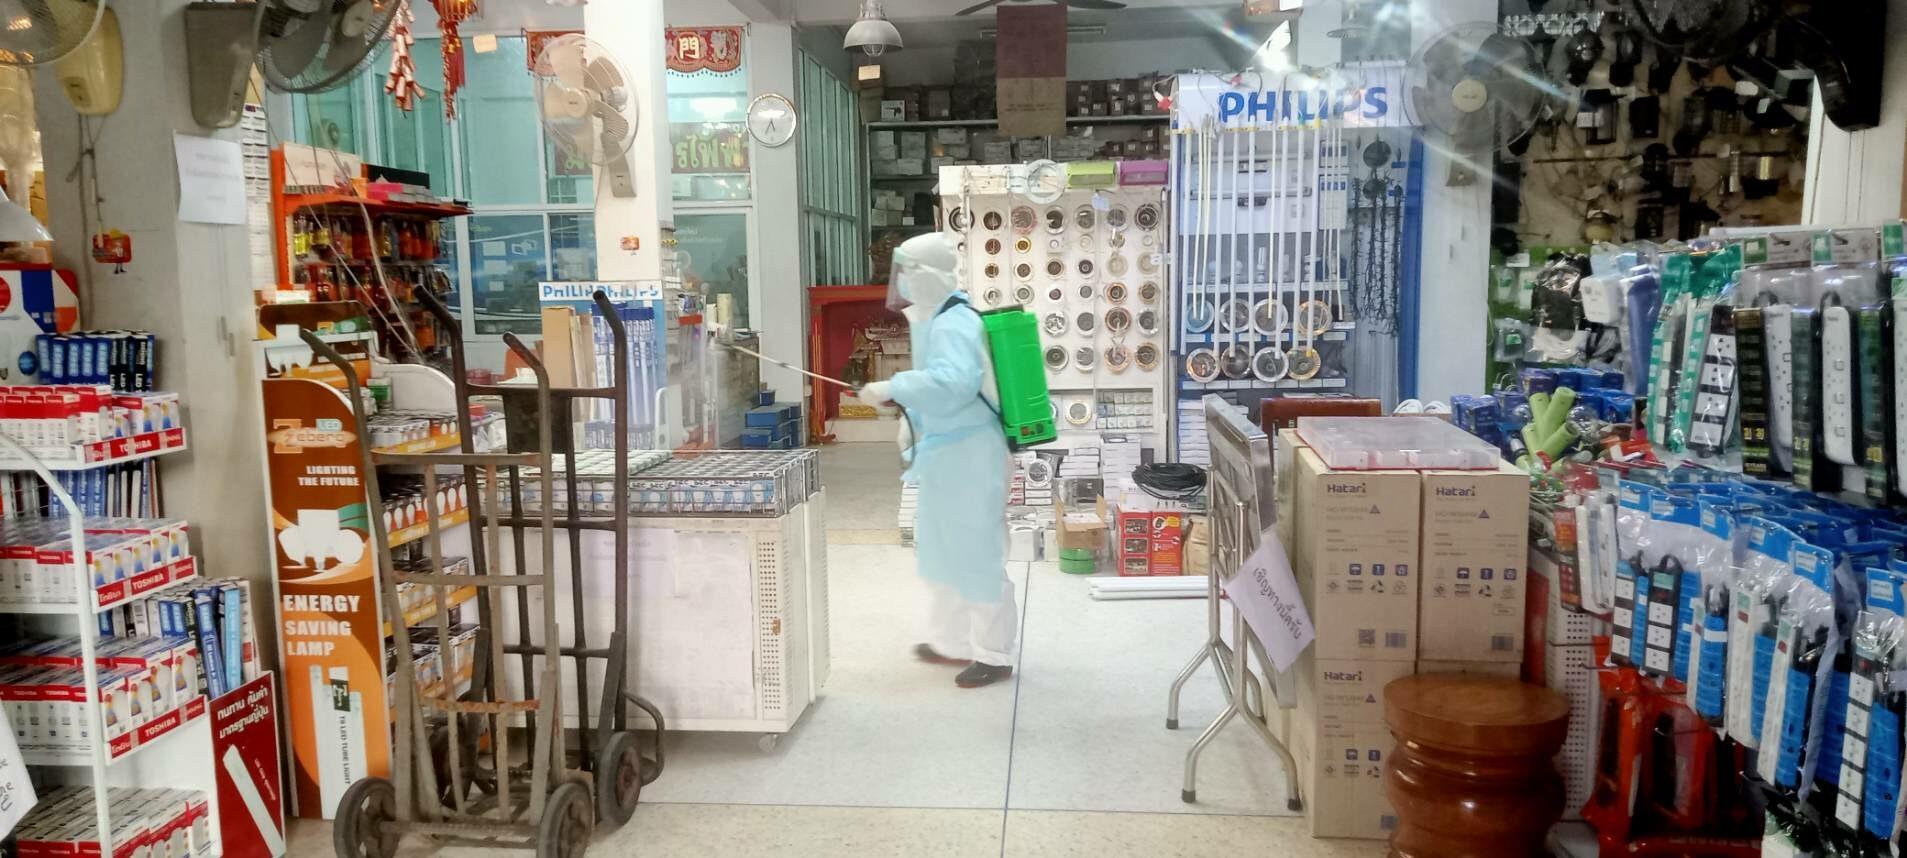 ปัตตานีพุ่งไม่หยุดป่วยใหม่ 309 ราย ดับอีก 3 ราย ร้านค้าตลาดเงียบ เร่งพ่นยาฆ่าเชื้อ